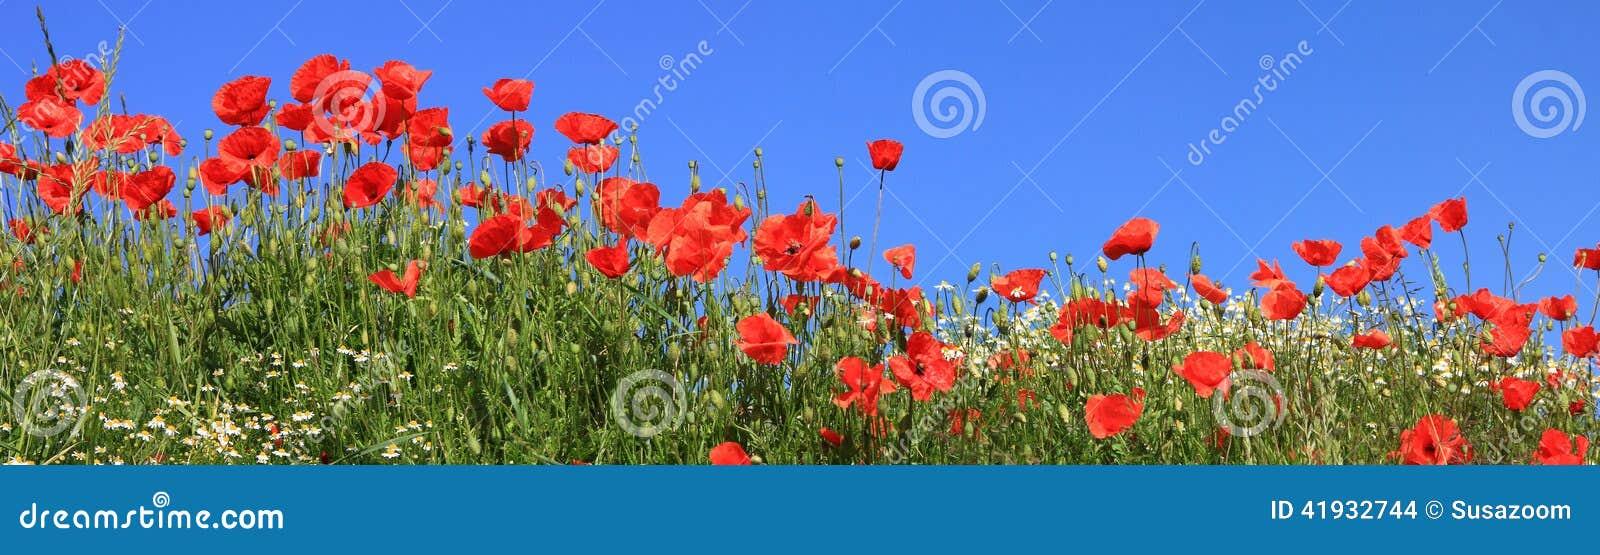 Papaveri rossi e fioritura delle pratoline piena, dimensione panoramica